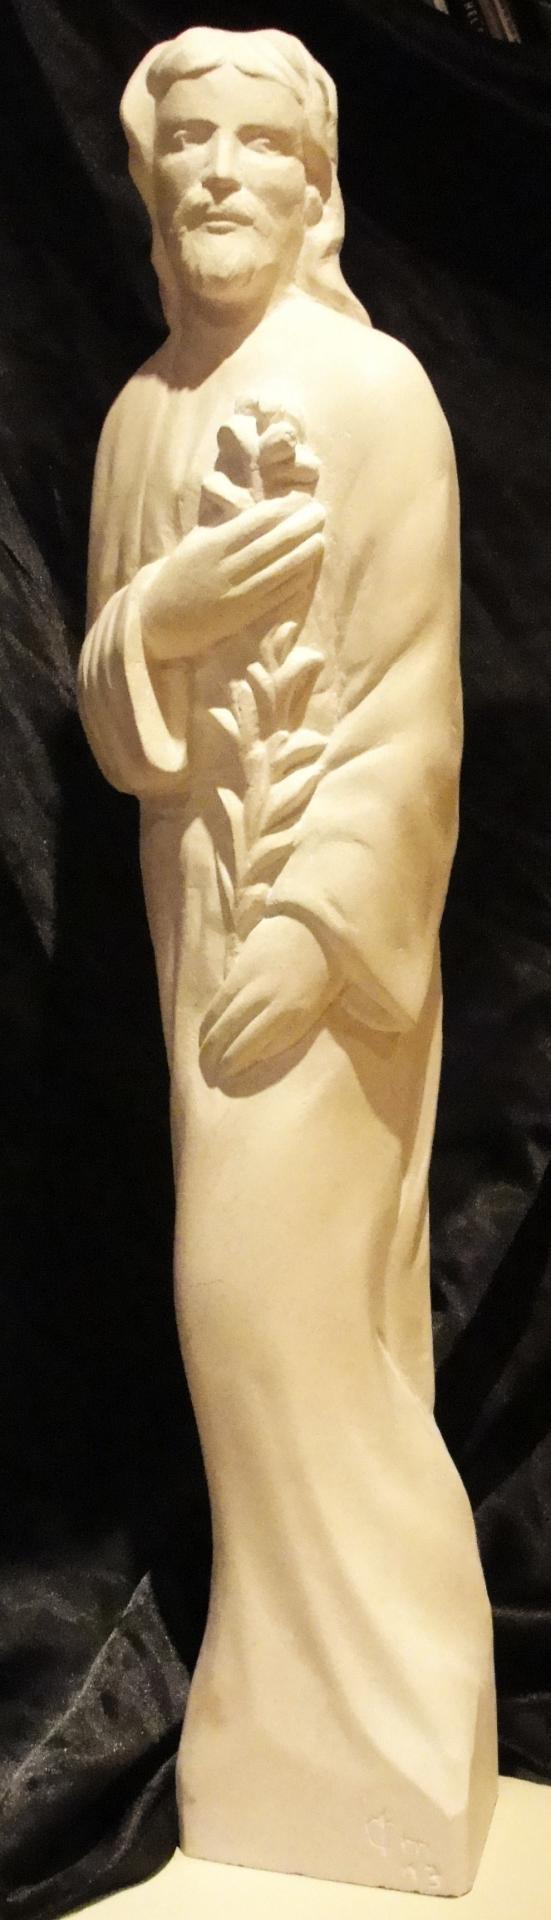 St joseph sculpture sur pierre demi relief 21